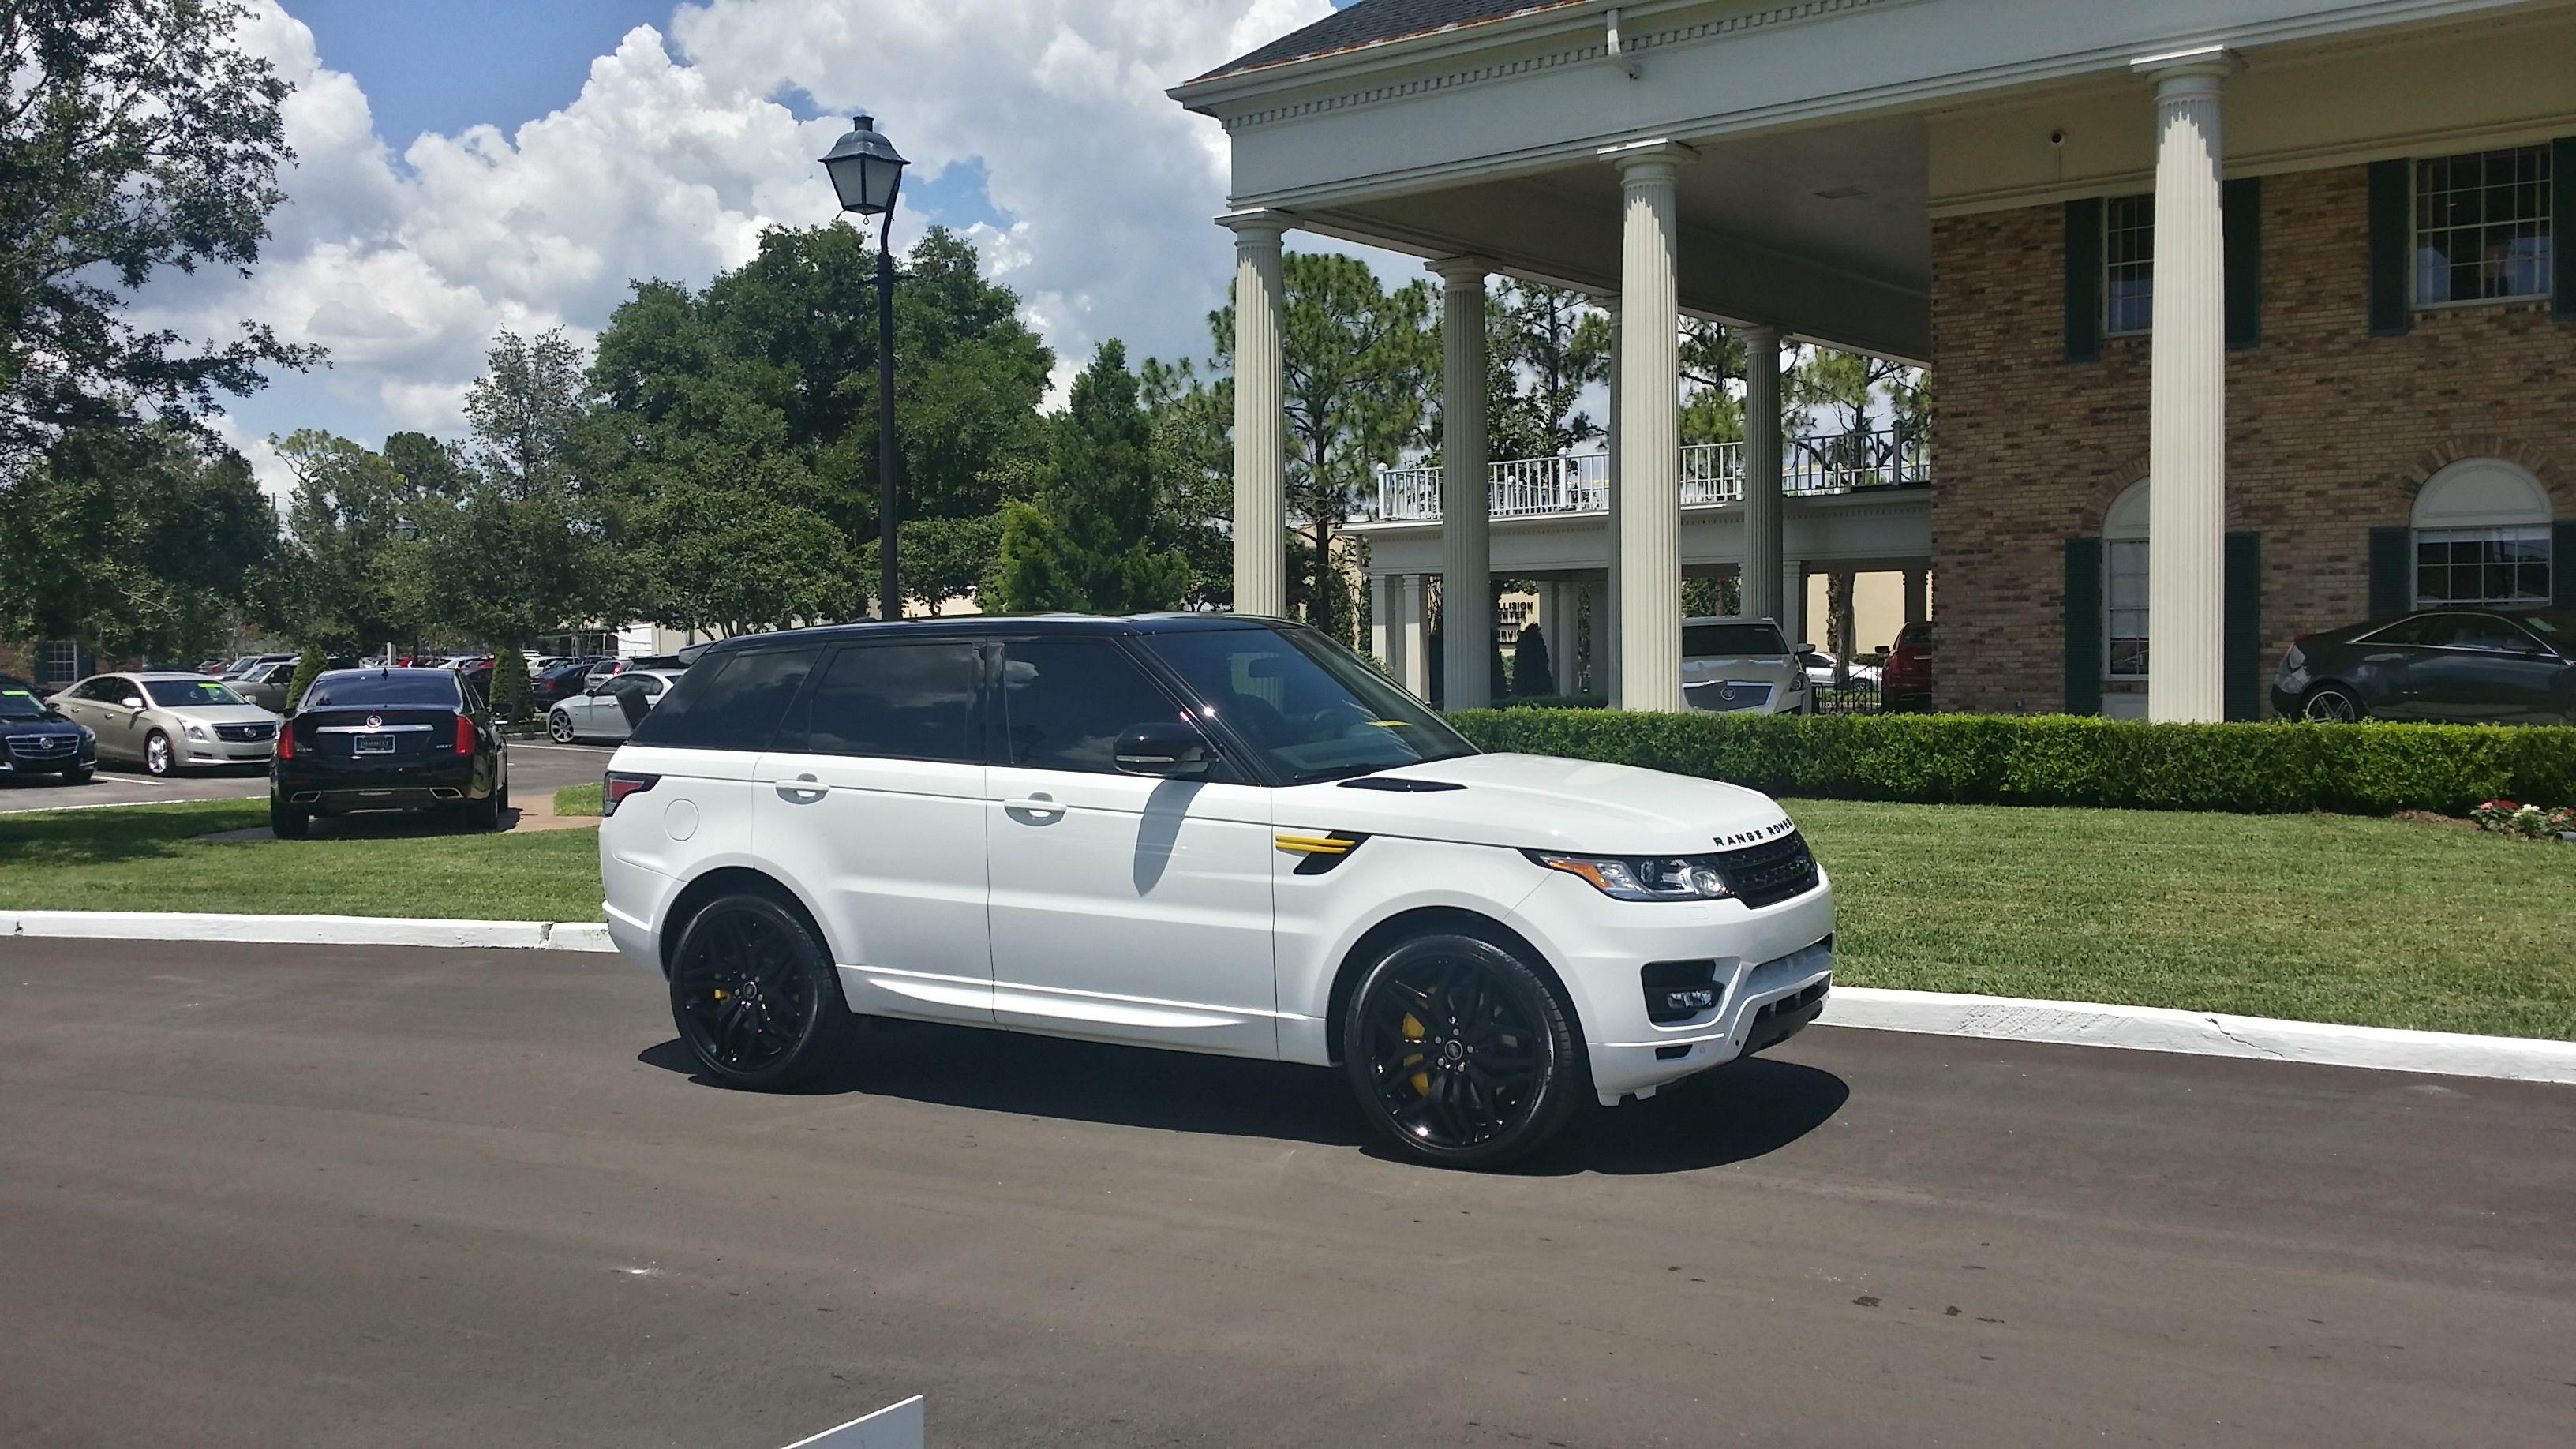 2014 Custom White Range Rover Sport Rangerover Sport Range Rover Sport Land Rover Jaguar Land Rover